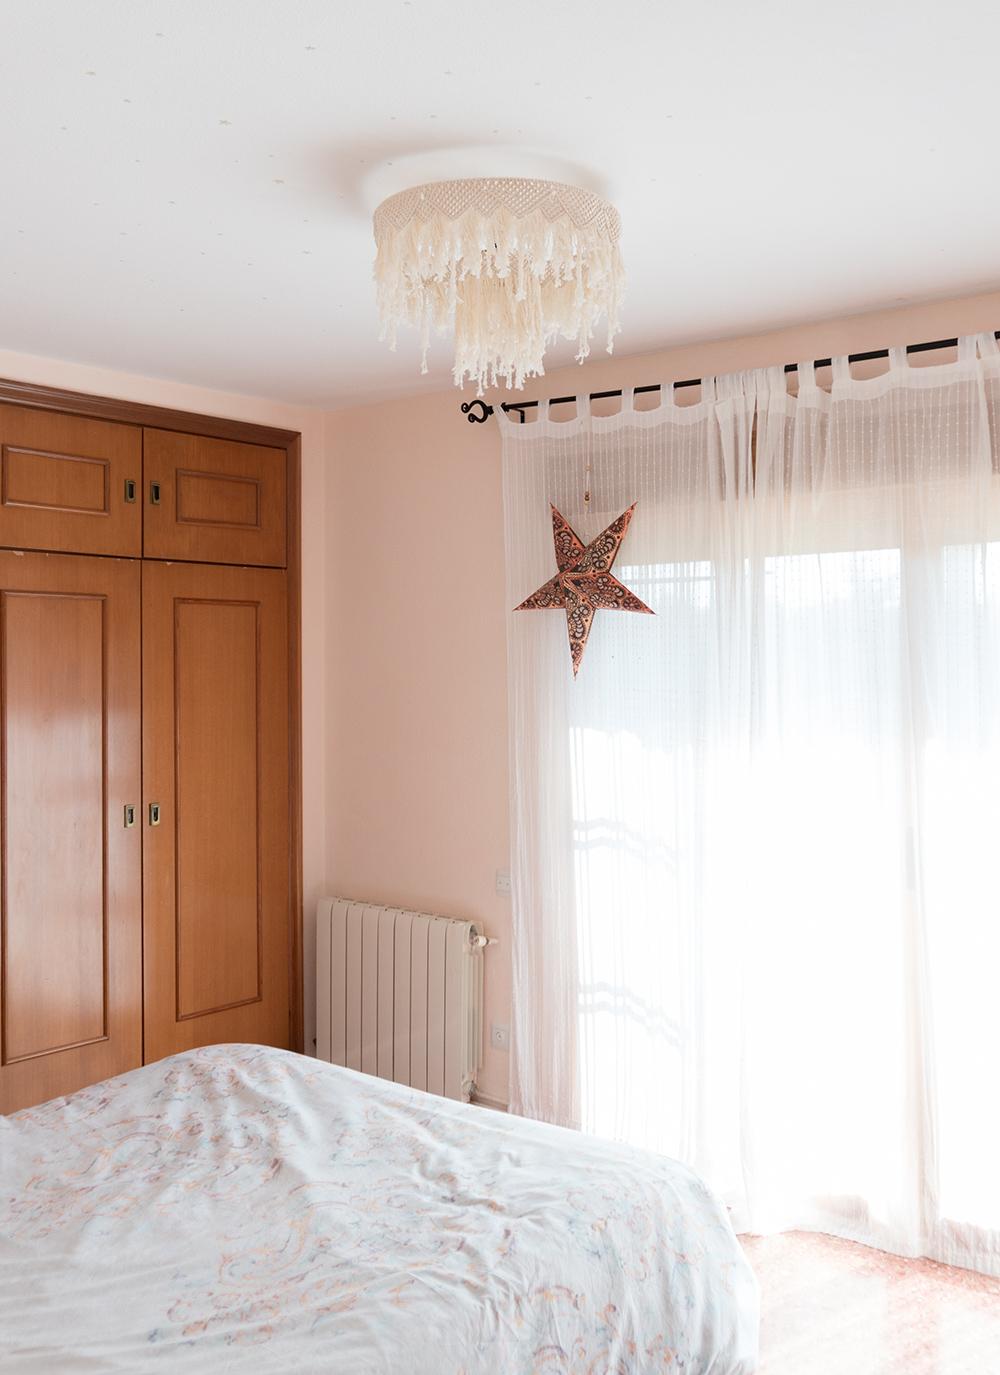 Dormitorio con lampara de macramé DIY